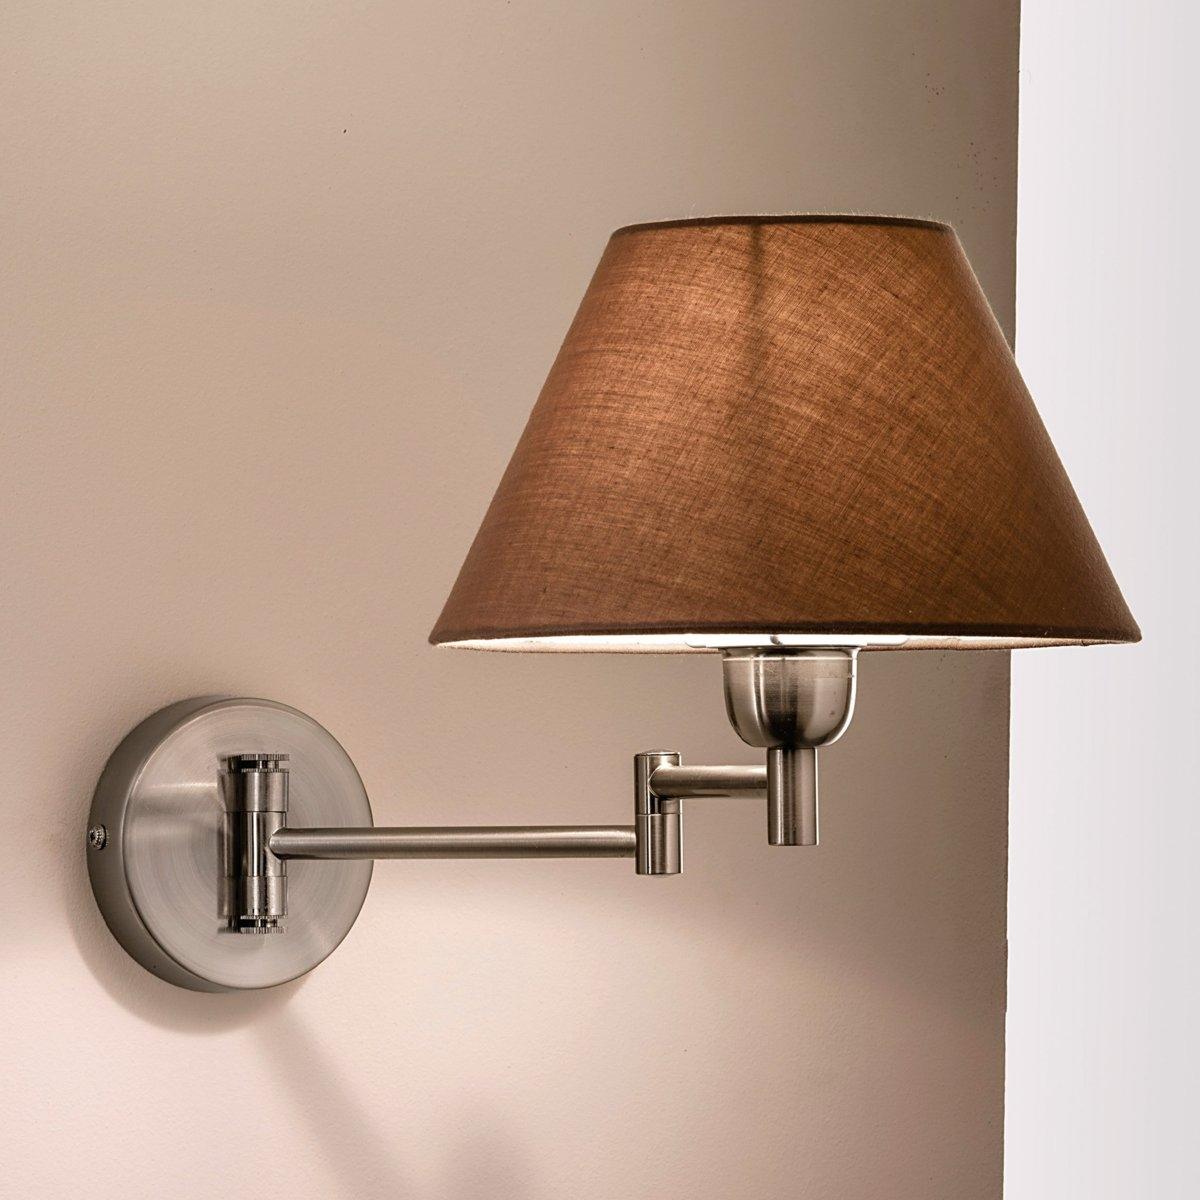 Светильник настенный, NynaСветильник настенный Nyna 1 лапка : когда освещение становится приятным и деликатным… Описание светильника, Nyna:1 гибкая лапка Абажур серо-коричневого цвета Патрон E14 для лампочки 40W.  (не входит в комплект)   В комплекте крепежная система.Этот светильник совместим с лампочками    энергетического класса   : A-B-C-D-EХарактеристики светильника, Nyna:1 лапка из алюминия Абажур из хлопка Размеры настенного светильника, Nyna:Абажур: Диаметр внизу: 21,5 см, диаметр сверху: 10 см. Высота: 13,5 см.Общие размеры:В разложенном виде:Ширина: 21,5 смВысота: 60 смГлубина: 40 смВ сложенном виде: Ширина: 24 смВысота: 60 смГлубина: 22,5 см<br><br>Цвет: потертый алюминий